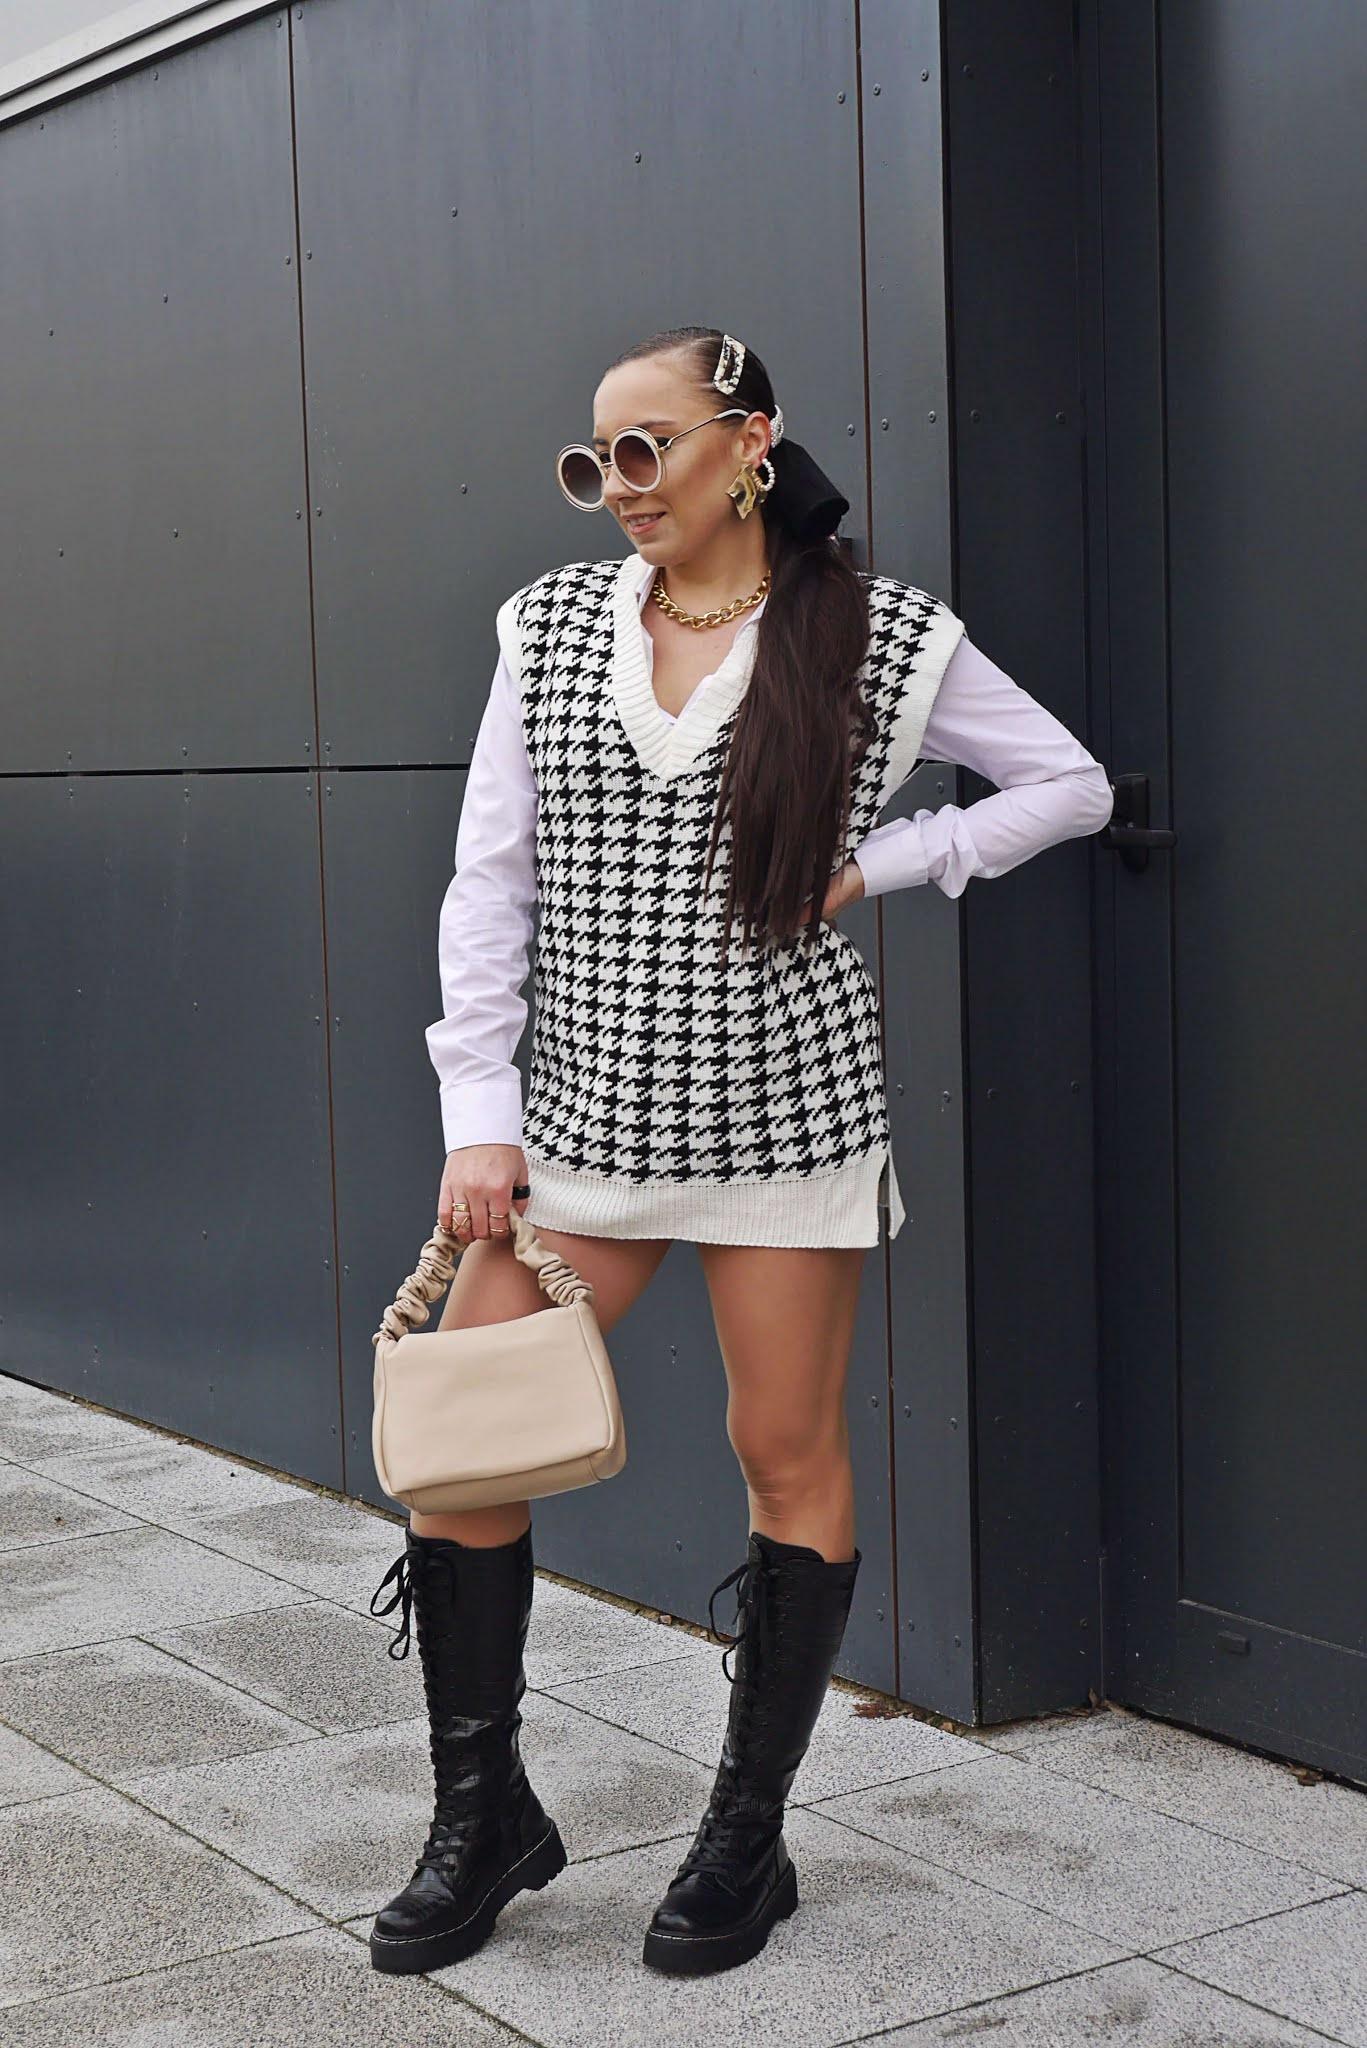 blog modowy blogerka modowa karyn puławy dzianinowa sweterkowa kamizelka femme luxe w pepitkę czarne kozaki ciężkie wiązane militarne w wężwy wzór ccc beżowa nowoczesna torebka ccc stylizacja look